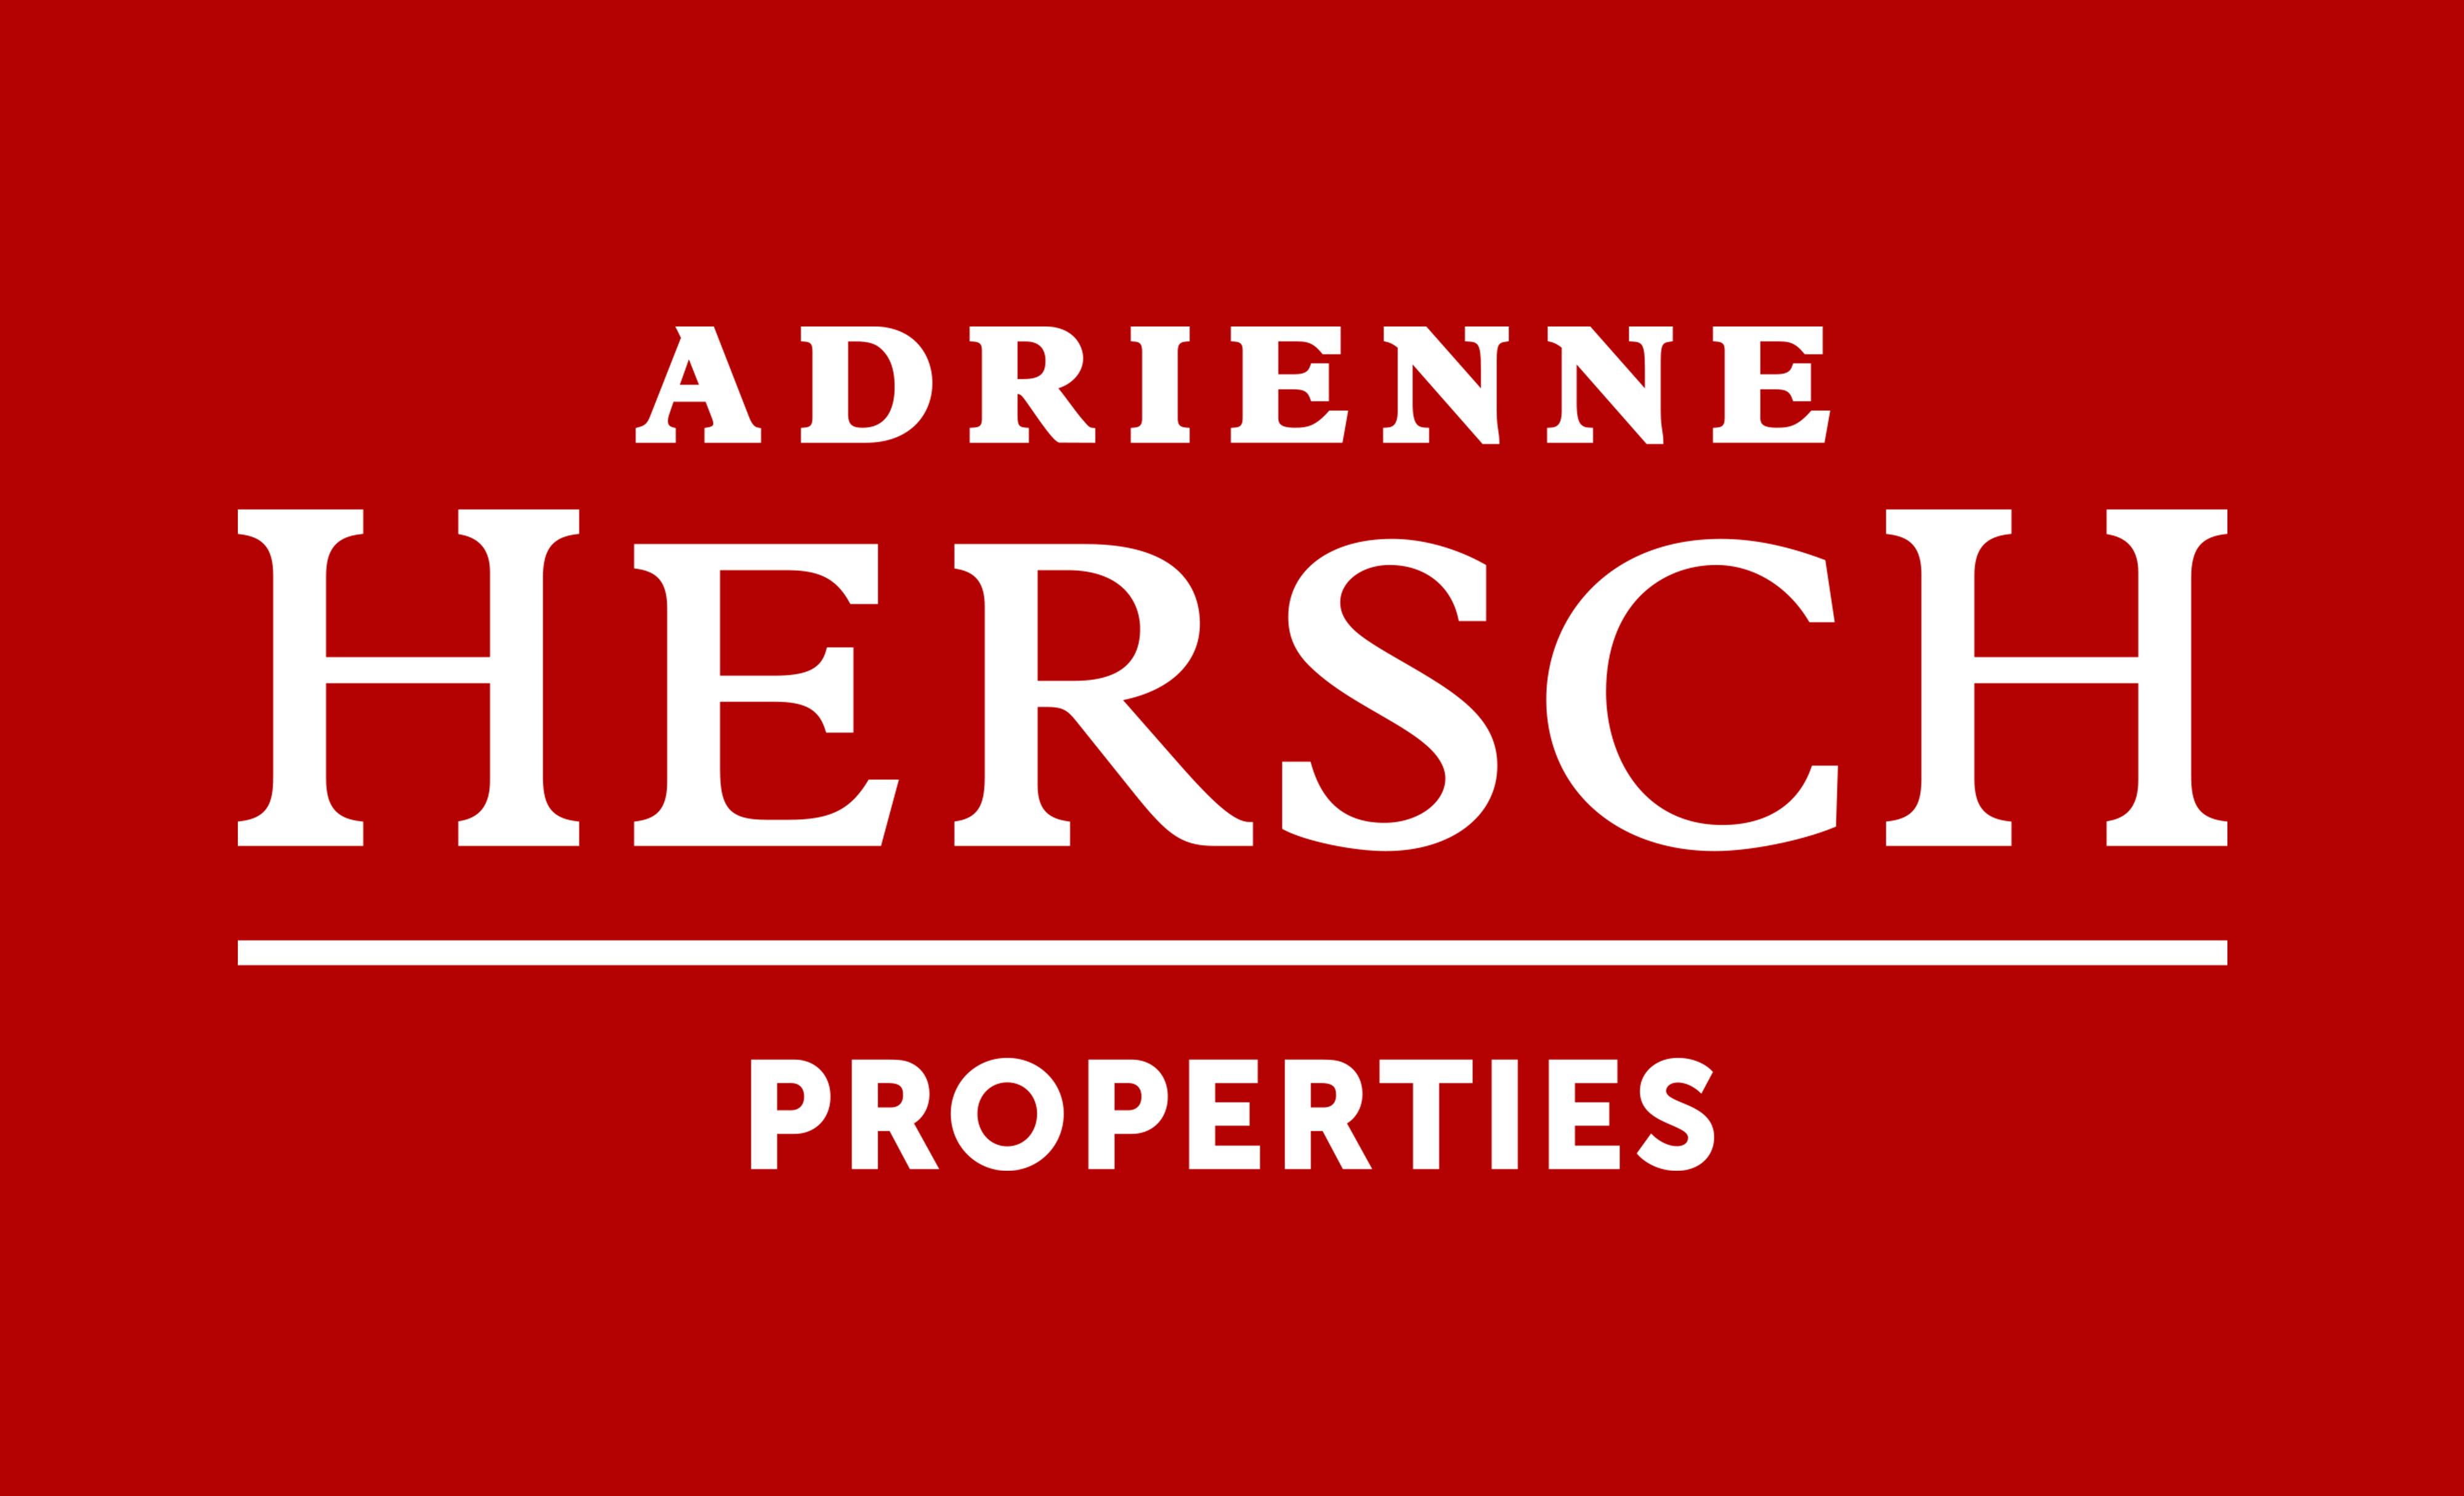 KW Adrienne Hersch Properties